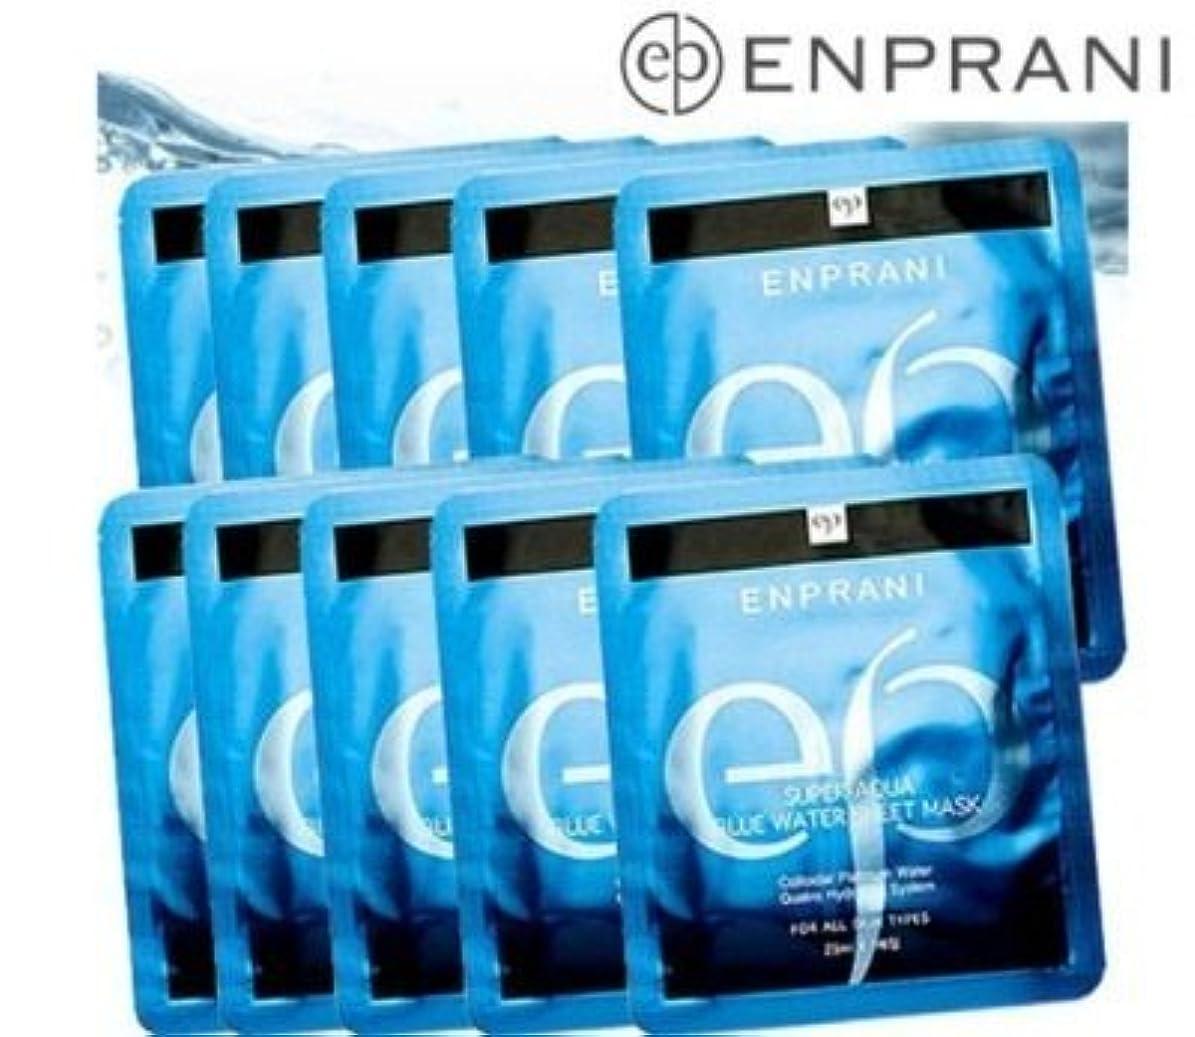 ゴミ箱フォアタイプ徹底[30枚][エンプラニ ] ENPRANI [スーパーアクア シートマスク パック 30枚](Super Aqua Seat Mask 30 Sheets) [並行輸入品]